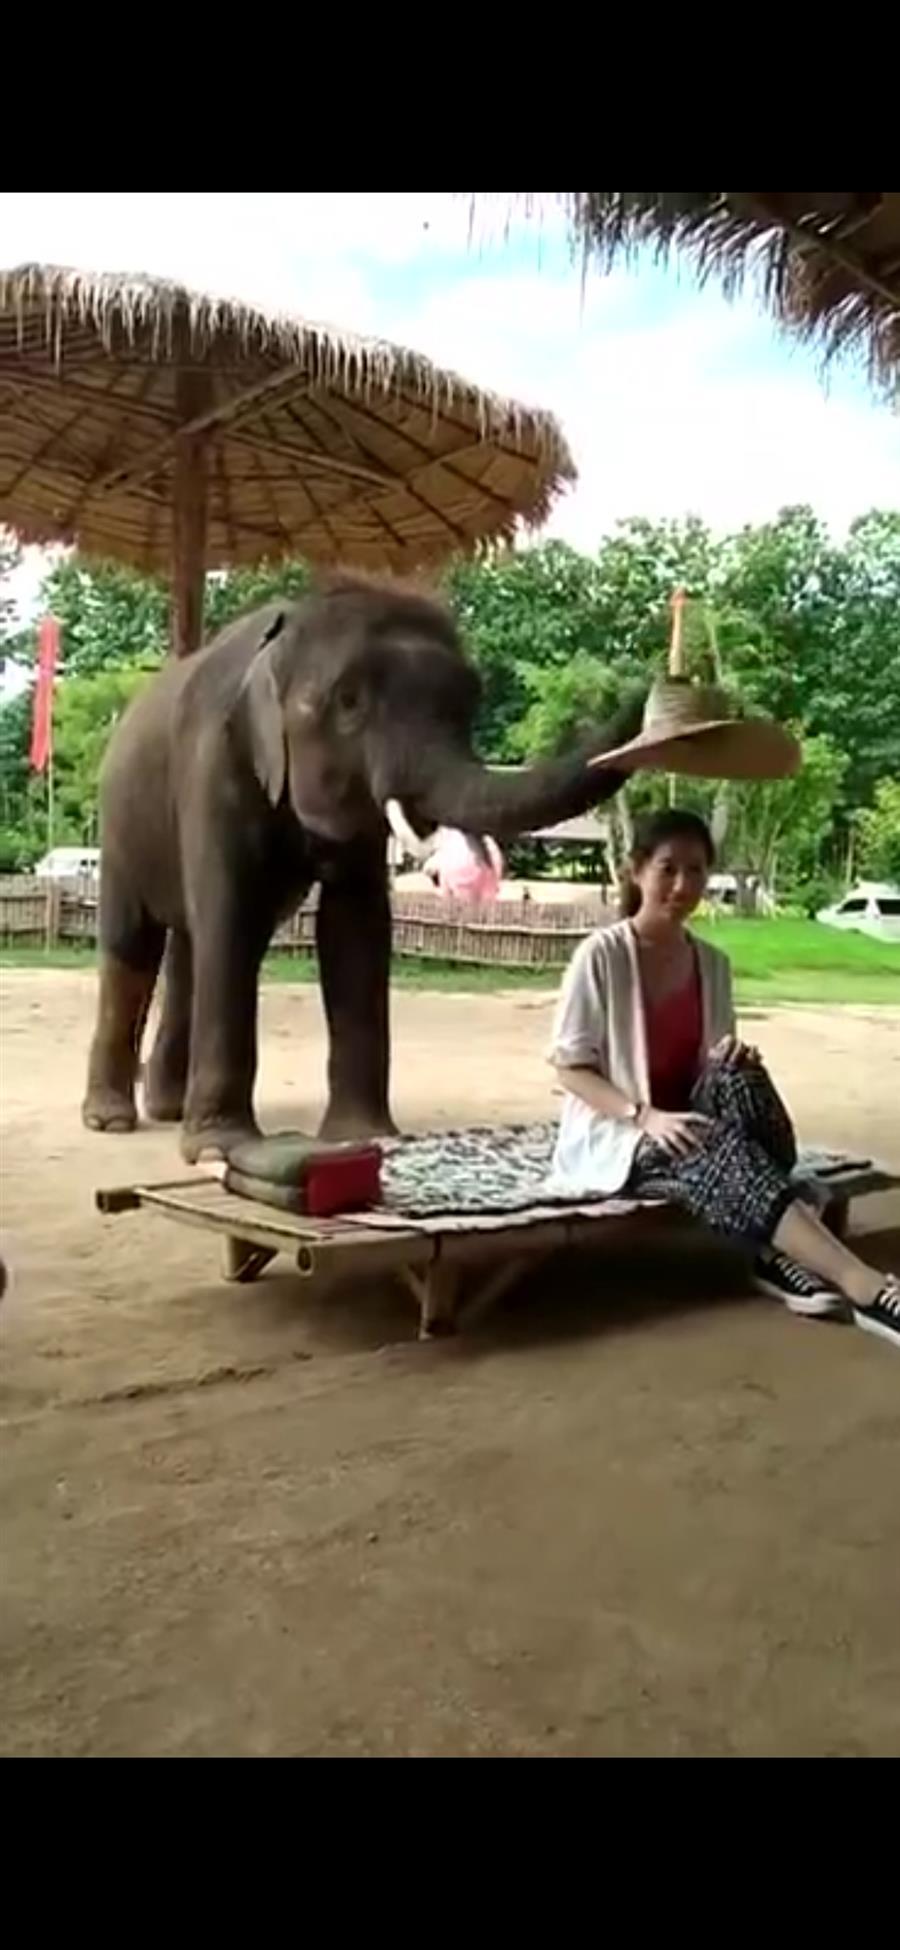 大象戴草帽2.jpg